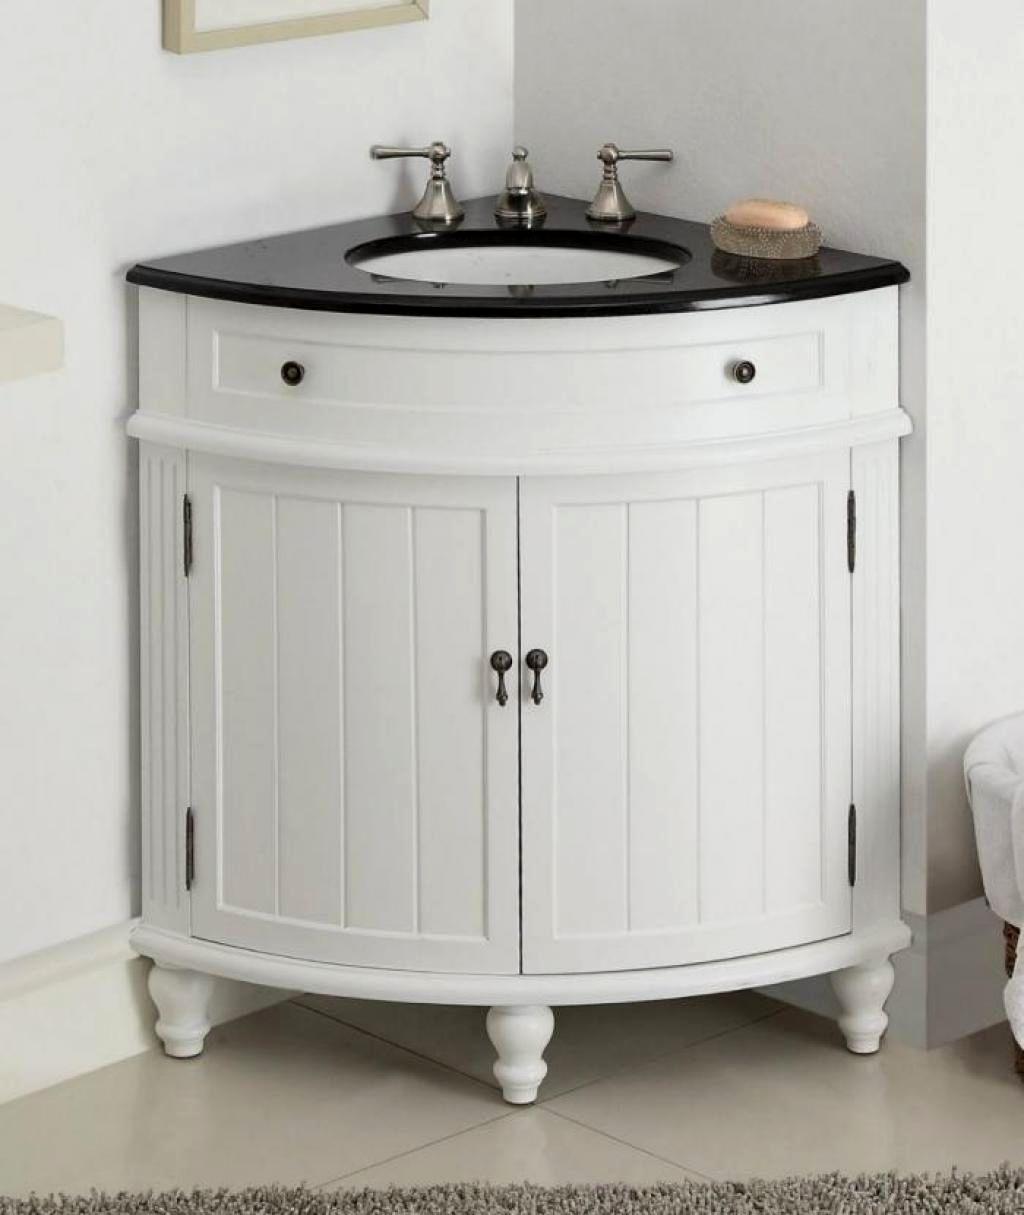 best of bathroom vanity 30 inch gallery-Fantastic Bathroom Vanity 30 Inch Model